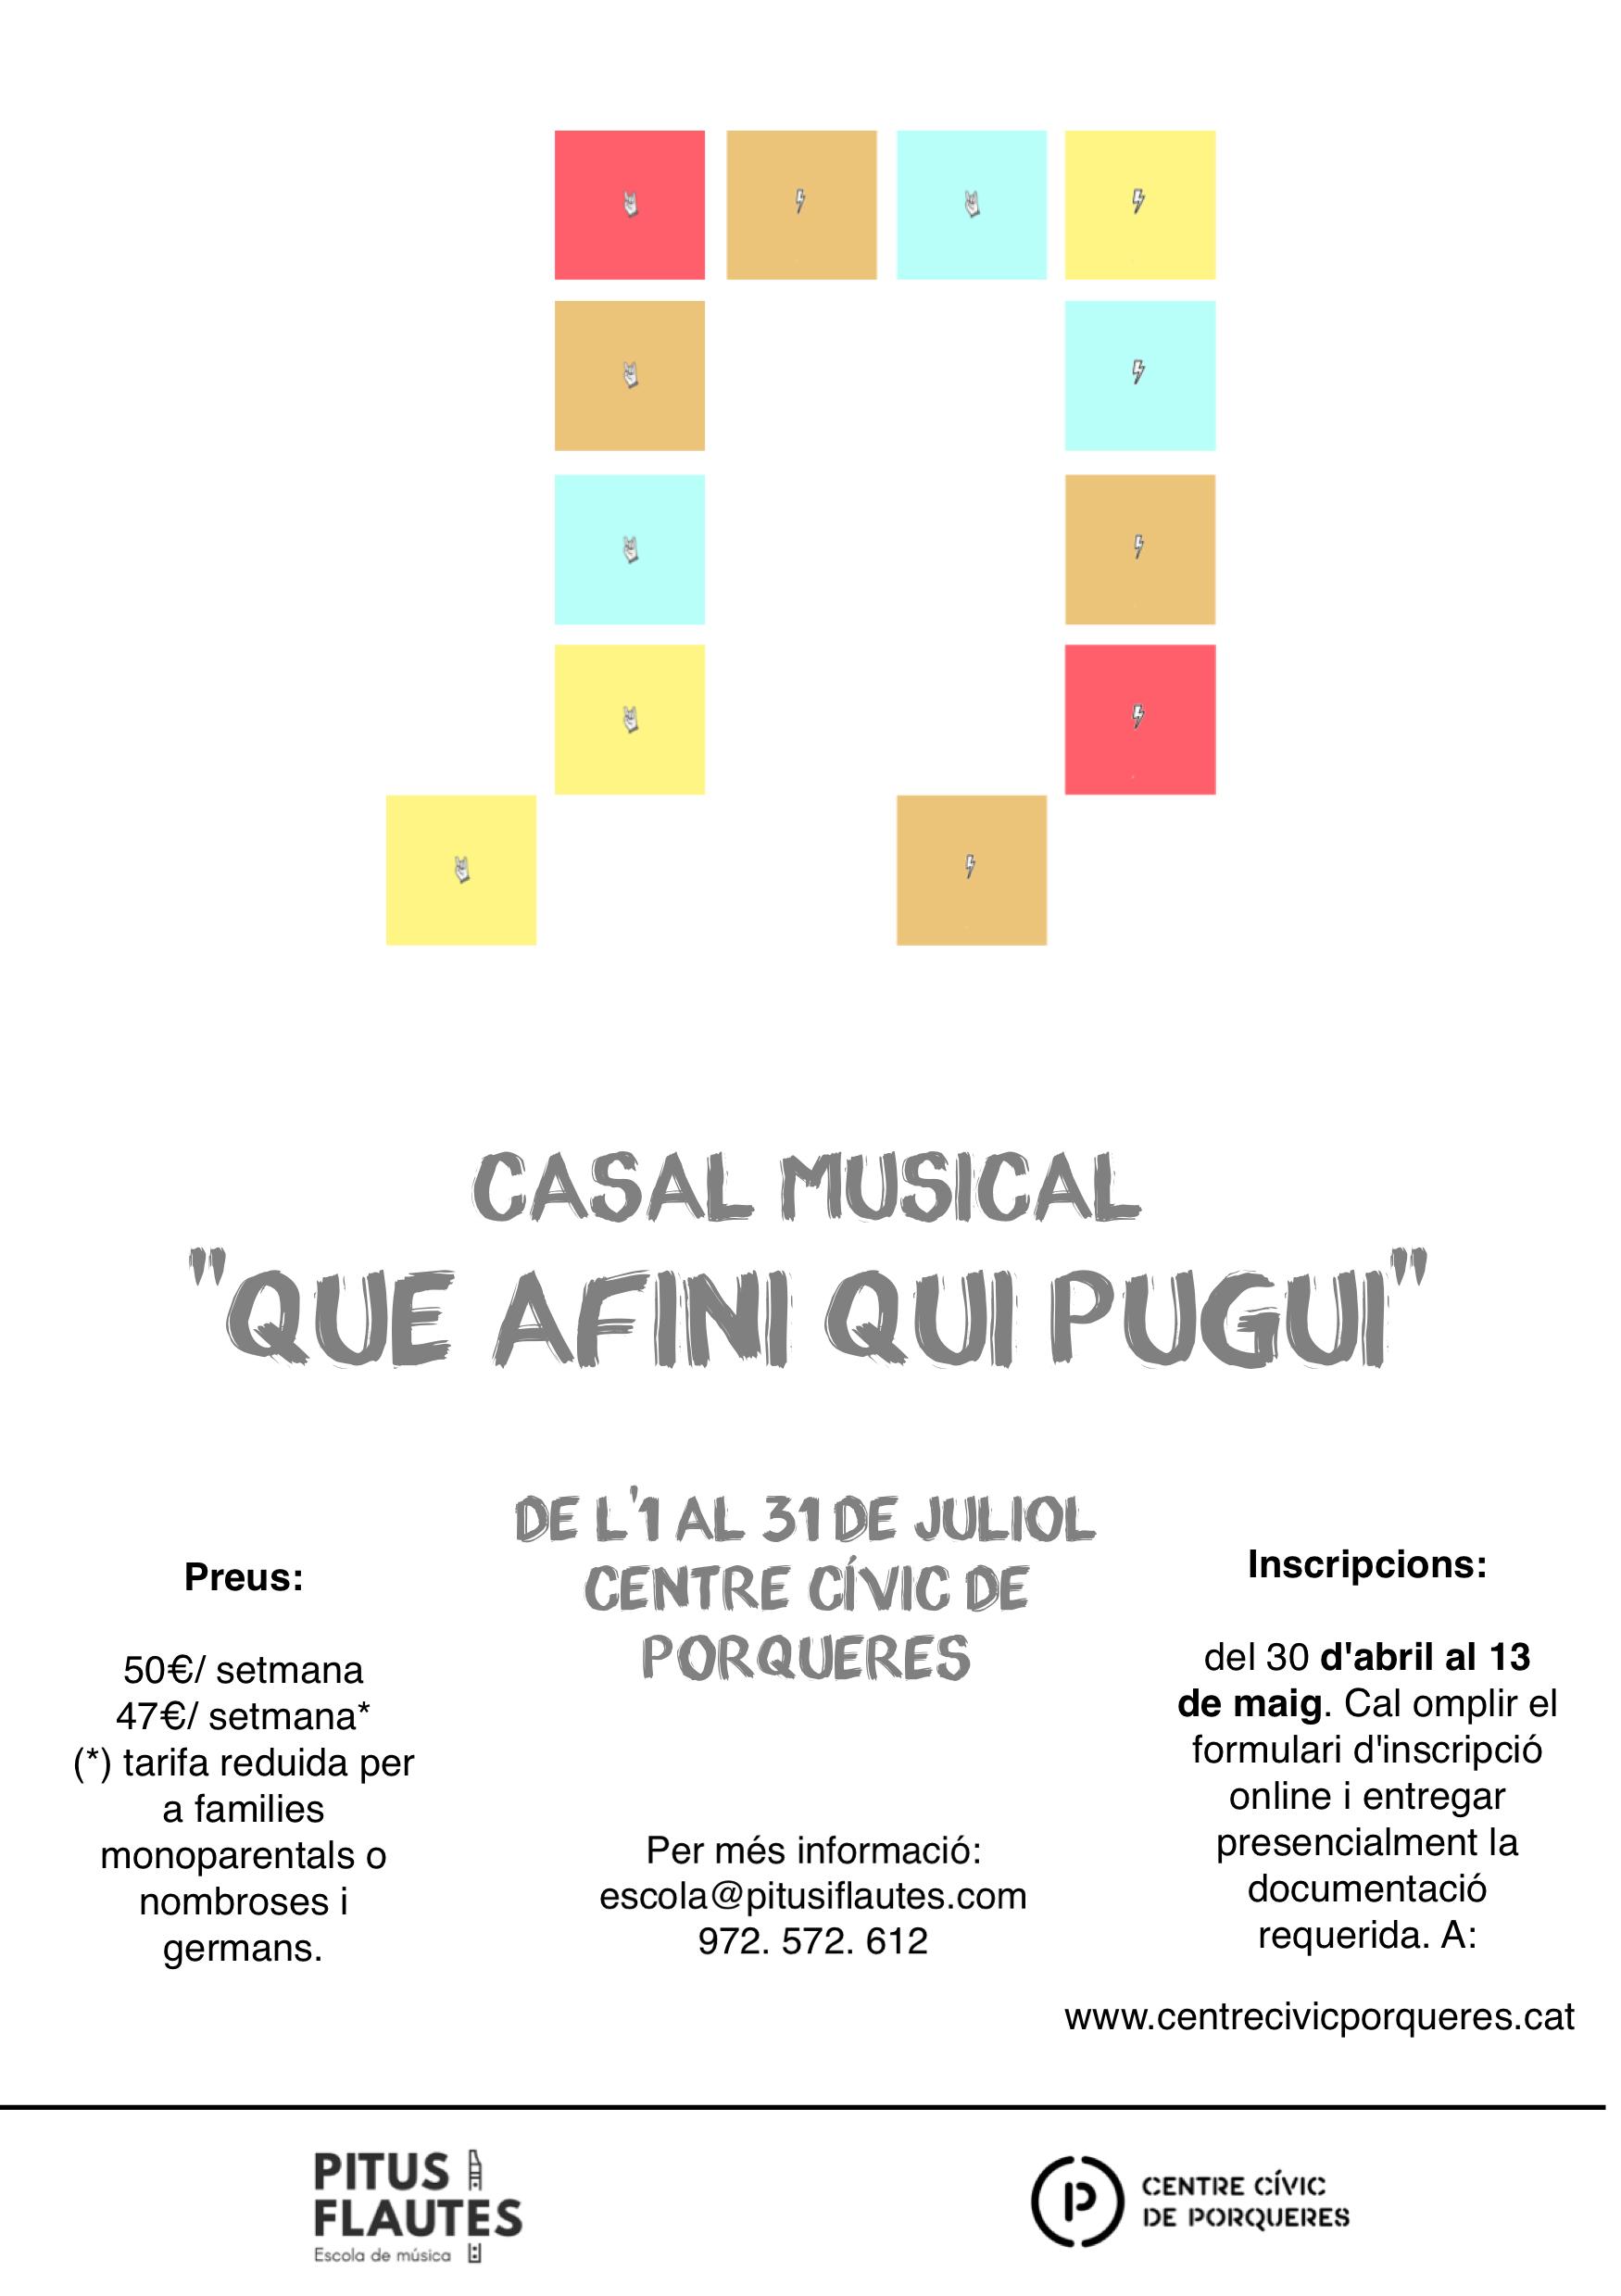 L'escola de música Pitus i Flautes organitza un casal d'estiu al Centre Cívic de Porqueres